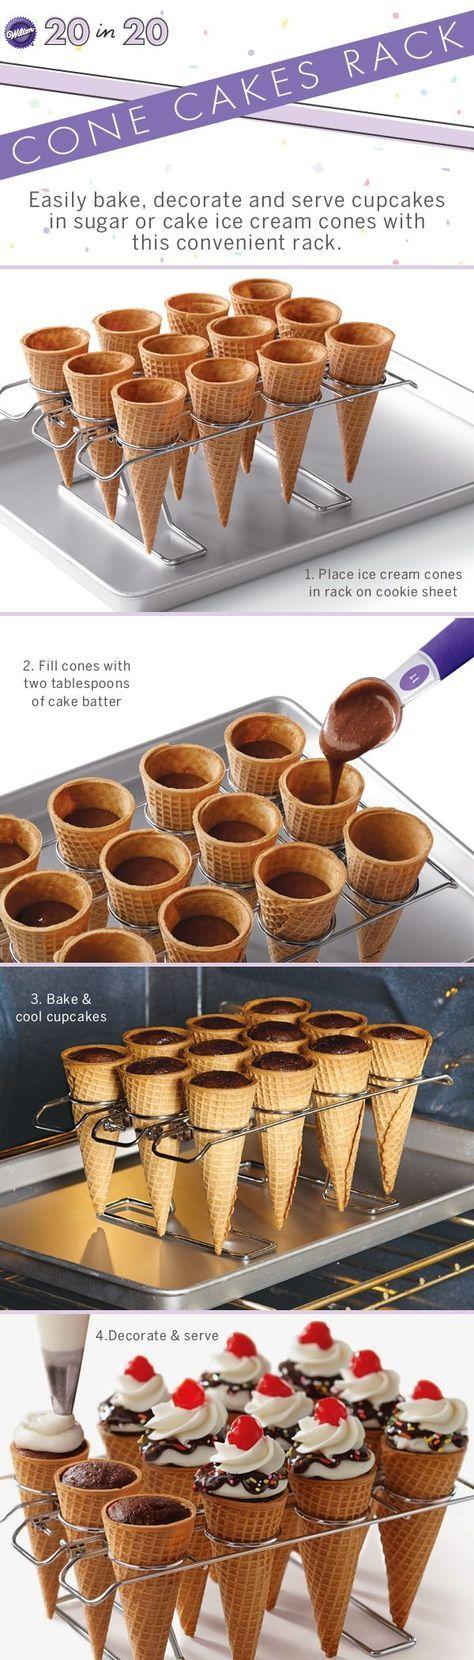 Ice cream cone cakes